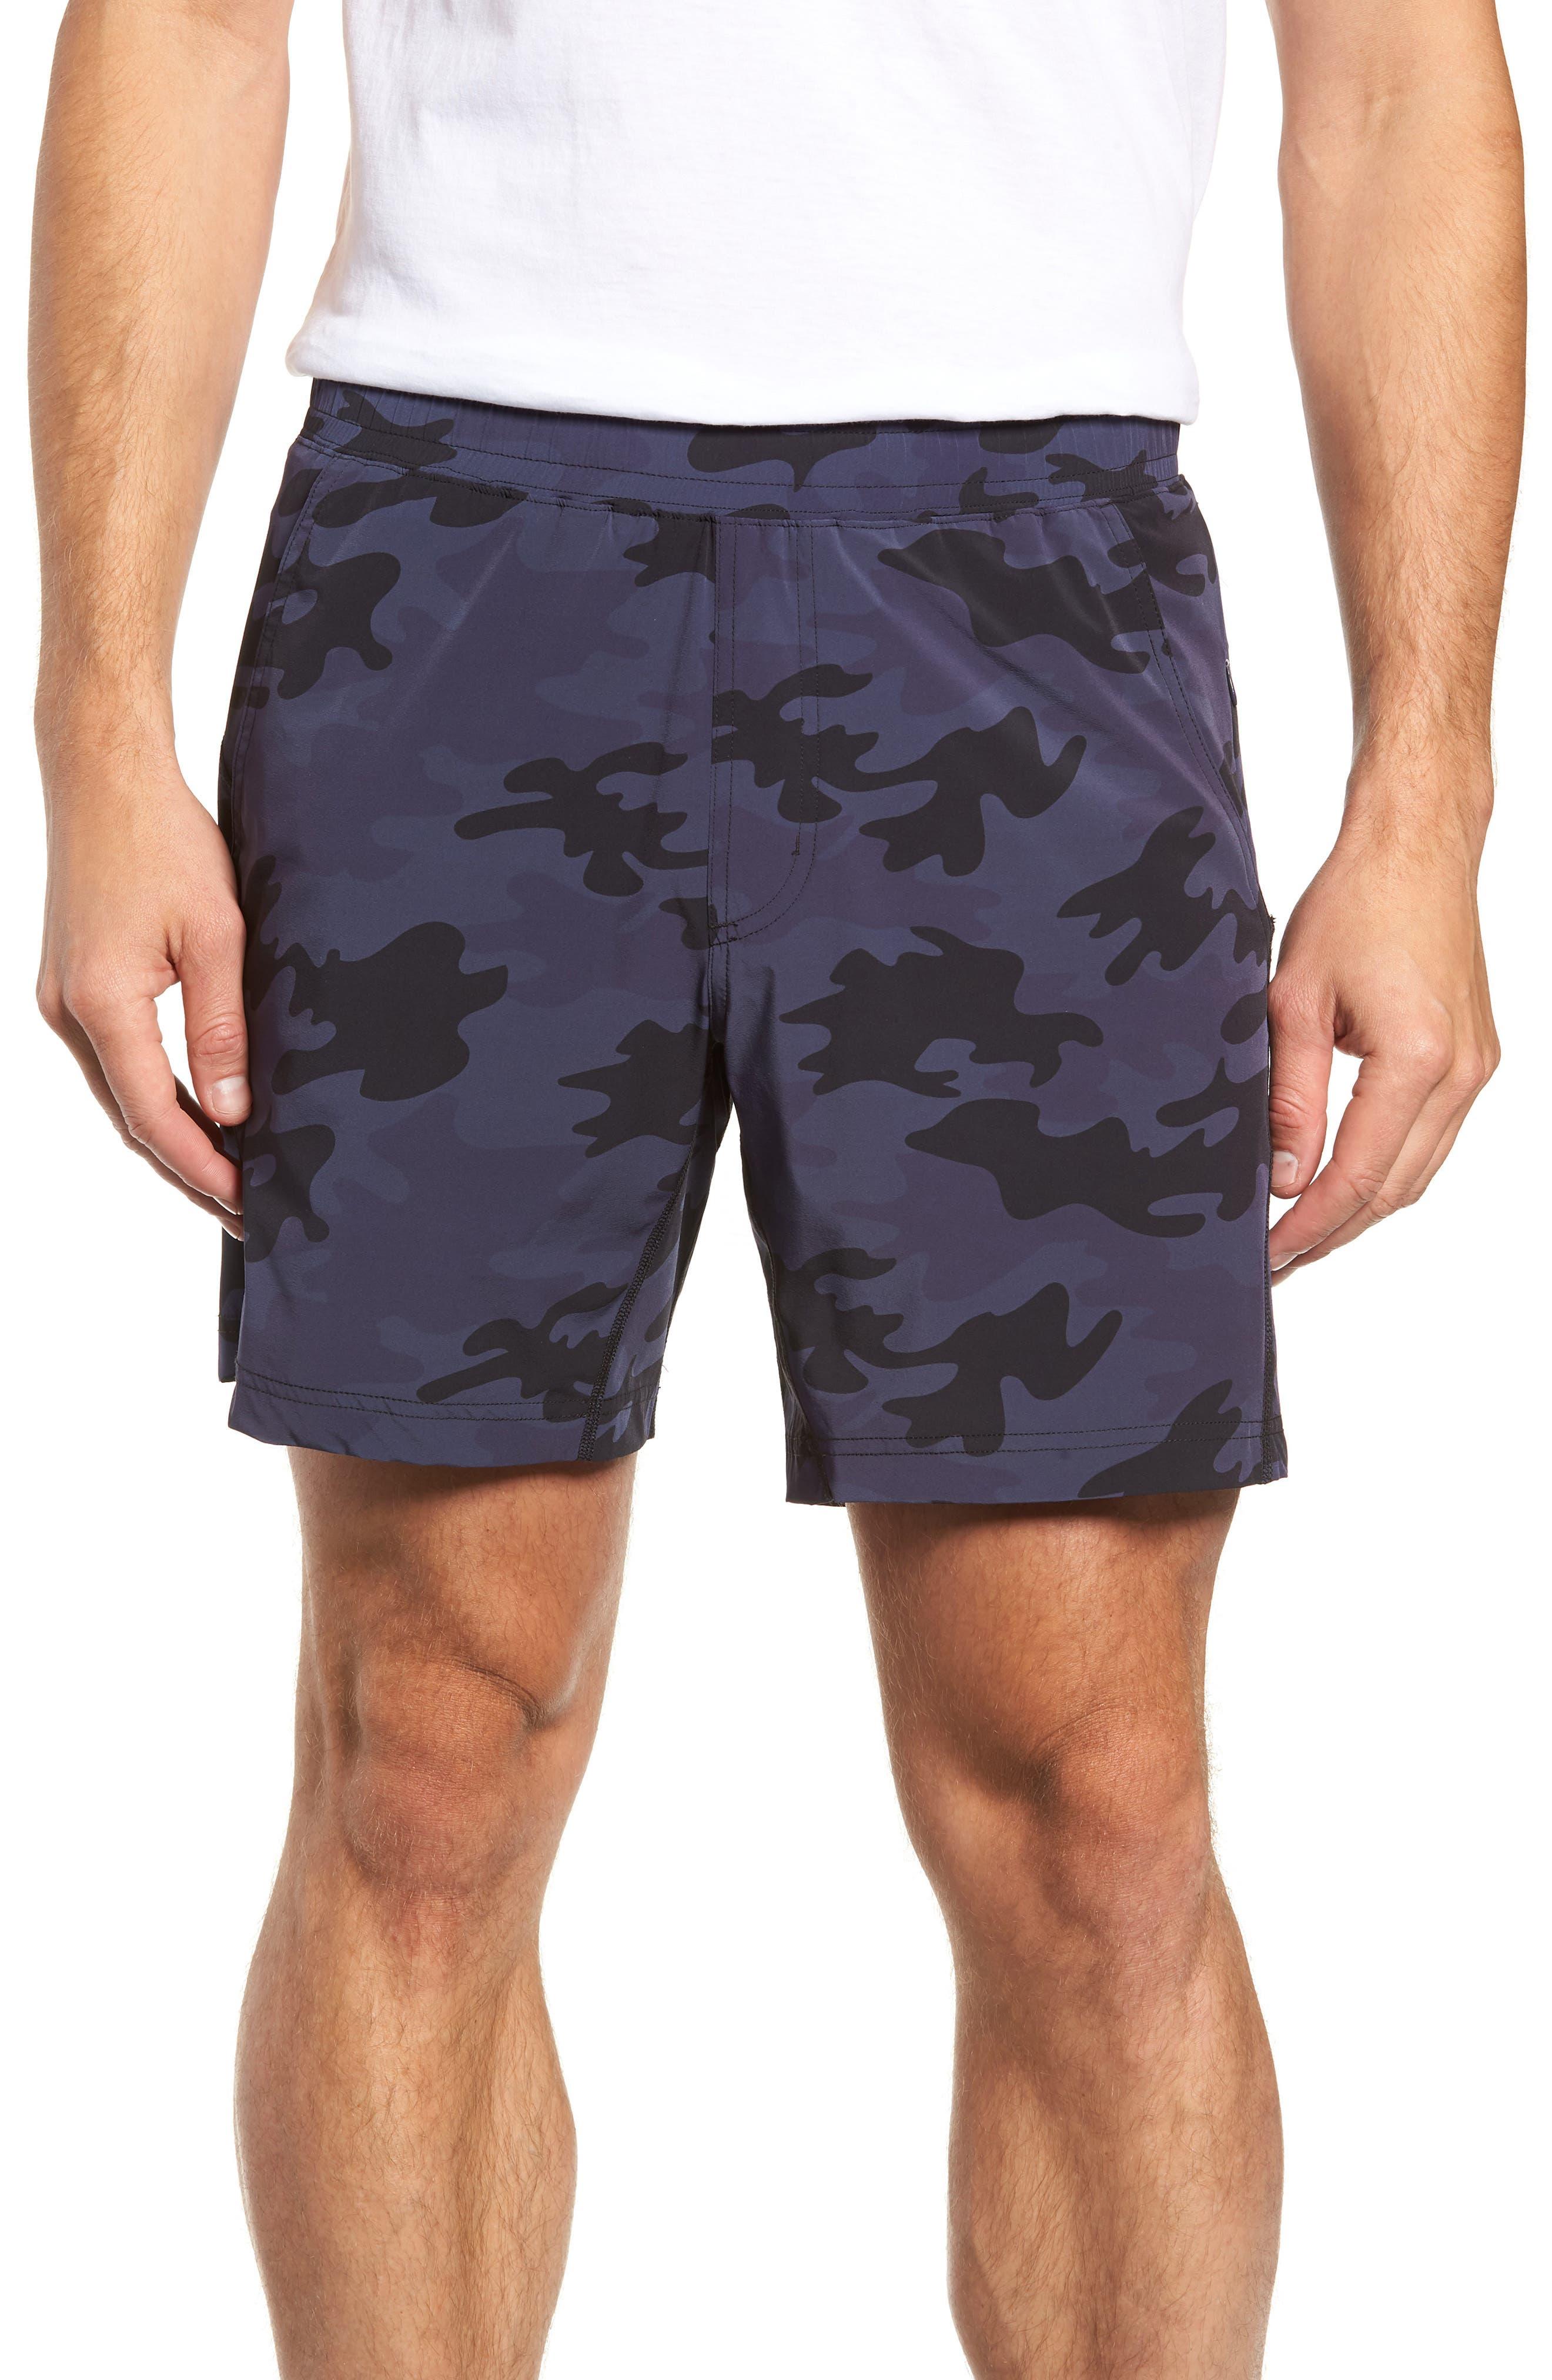 Mako Training Shorts,                         Main,                         color, NAVY CAMO